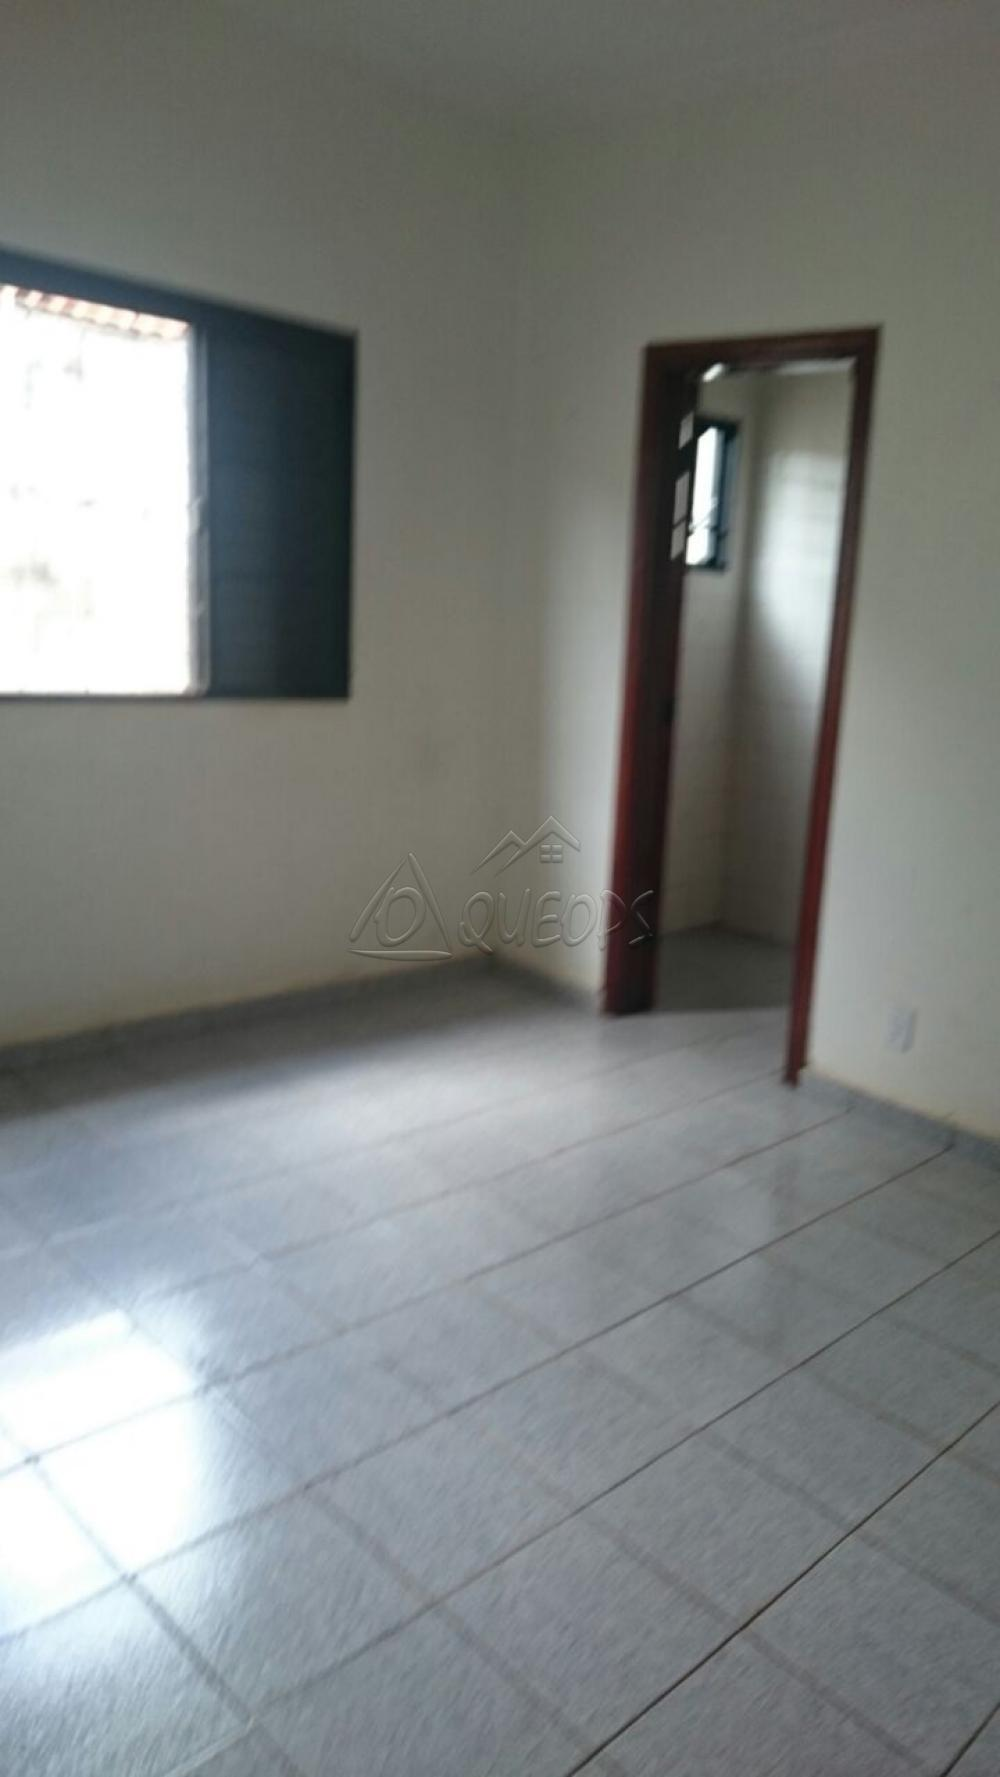 Comprar Casa / Padrão em Barretos R$ 330.000,00 - Foto 11